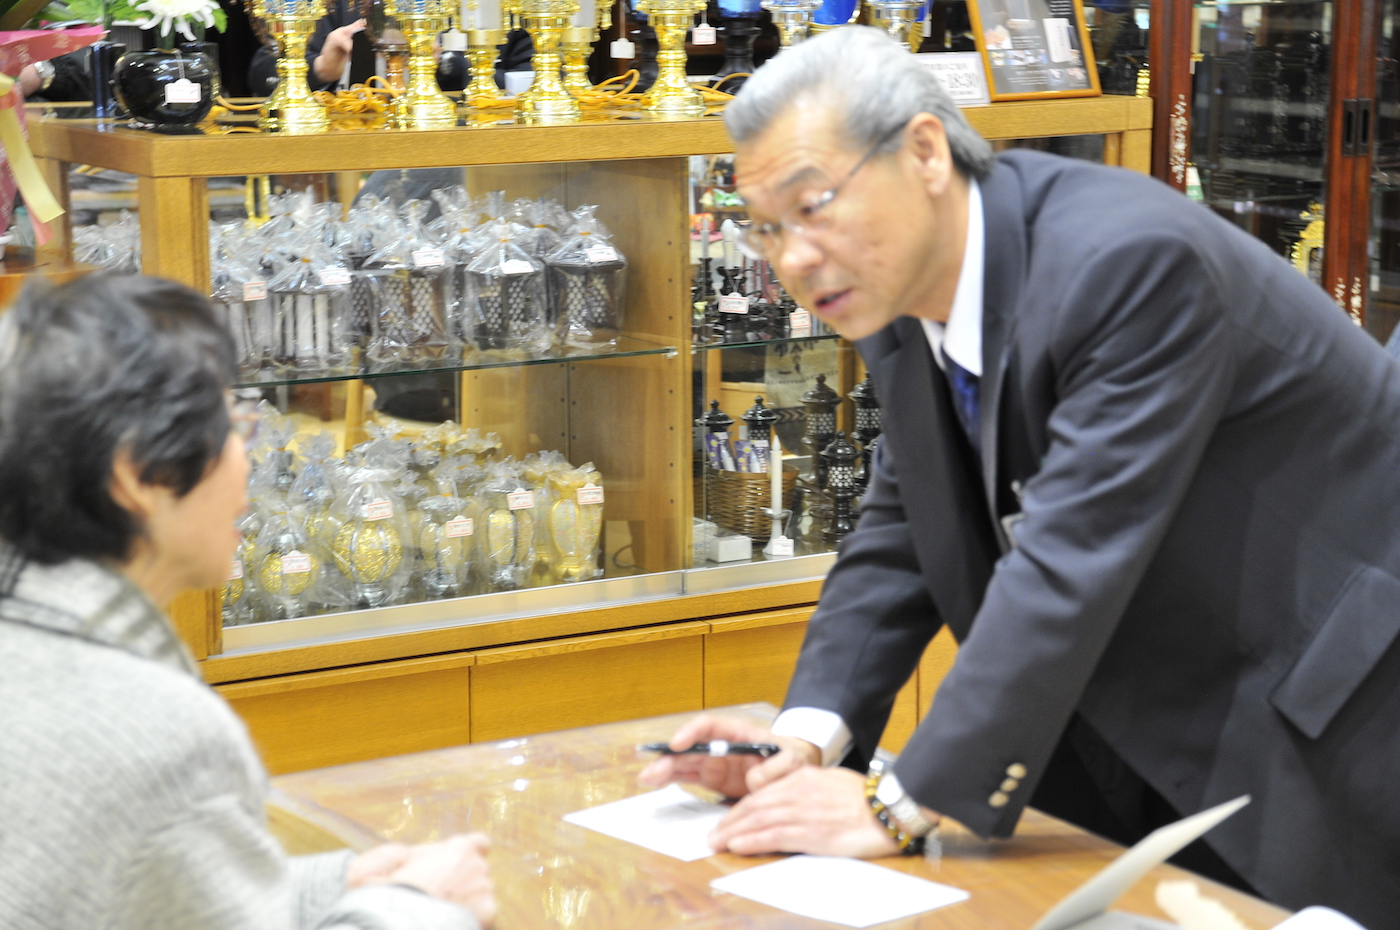 ふくば 福島 仏壇 写真ギャラリー画像36